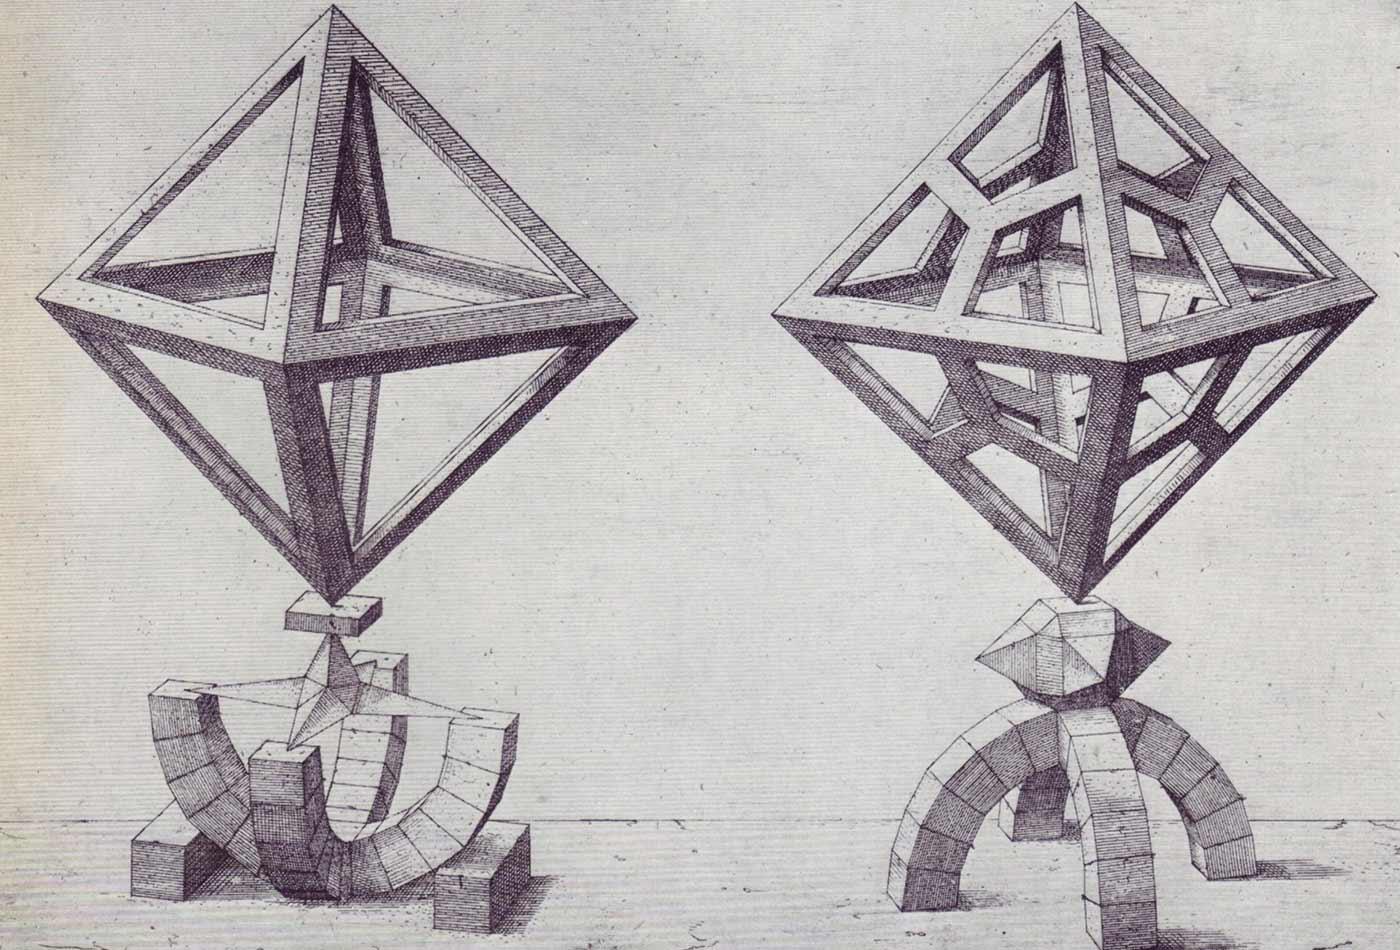 Perspectiva Corporum Regularium, Wenzel Jamnitzer, 1568.